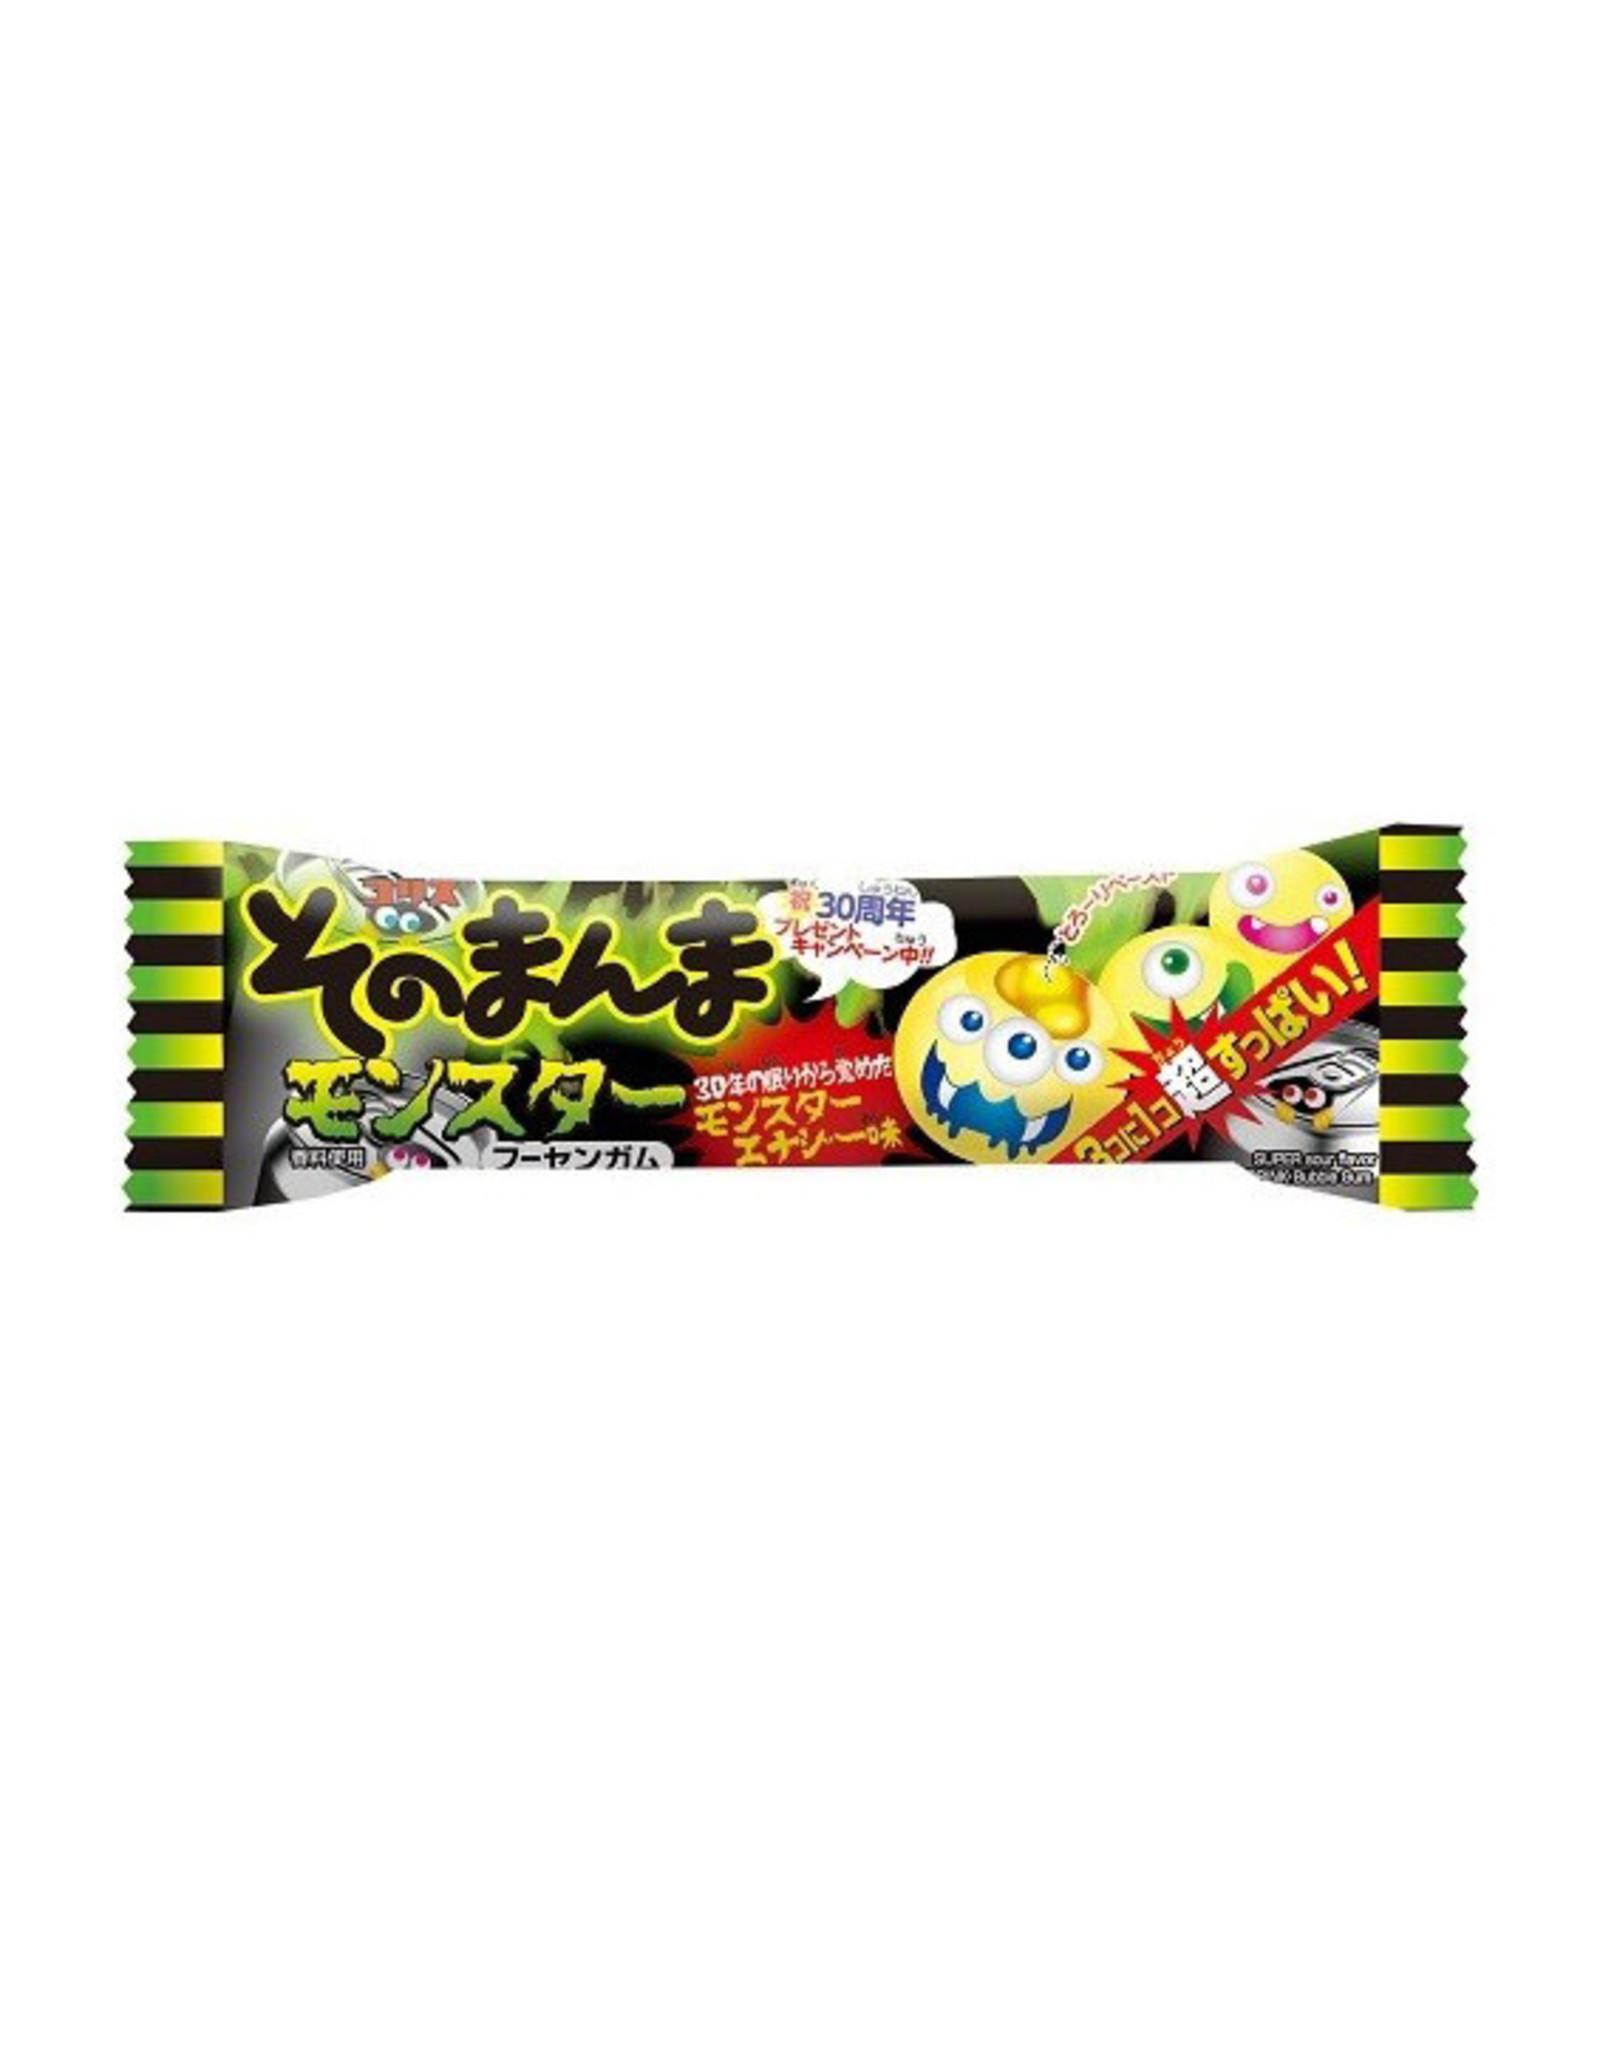 Sonomanma Monster Bubble Gum